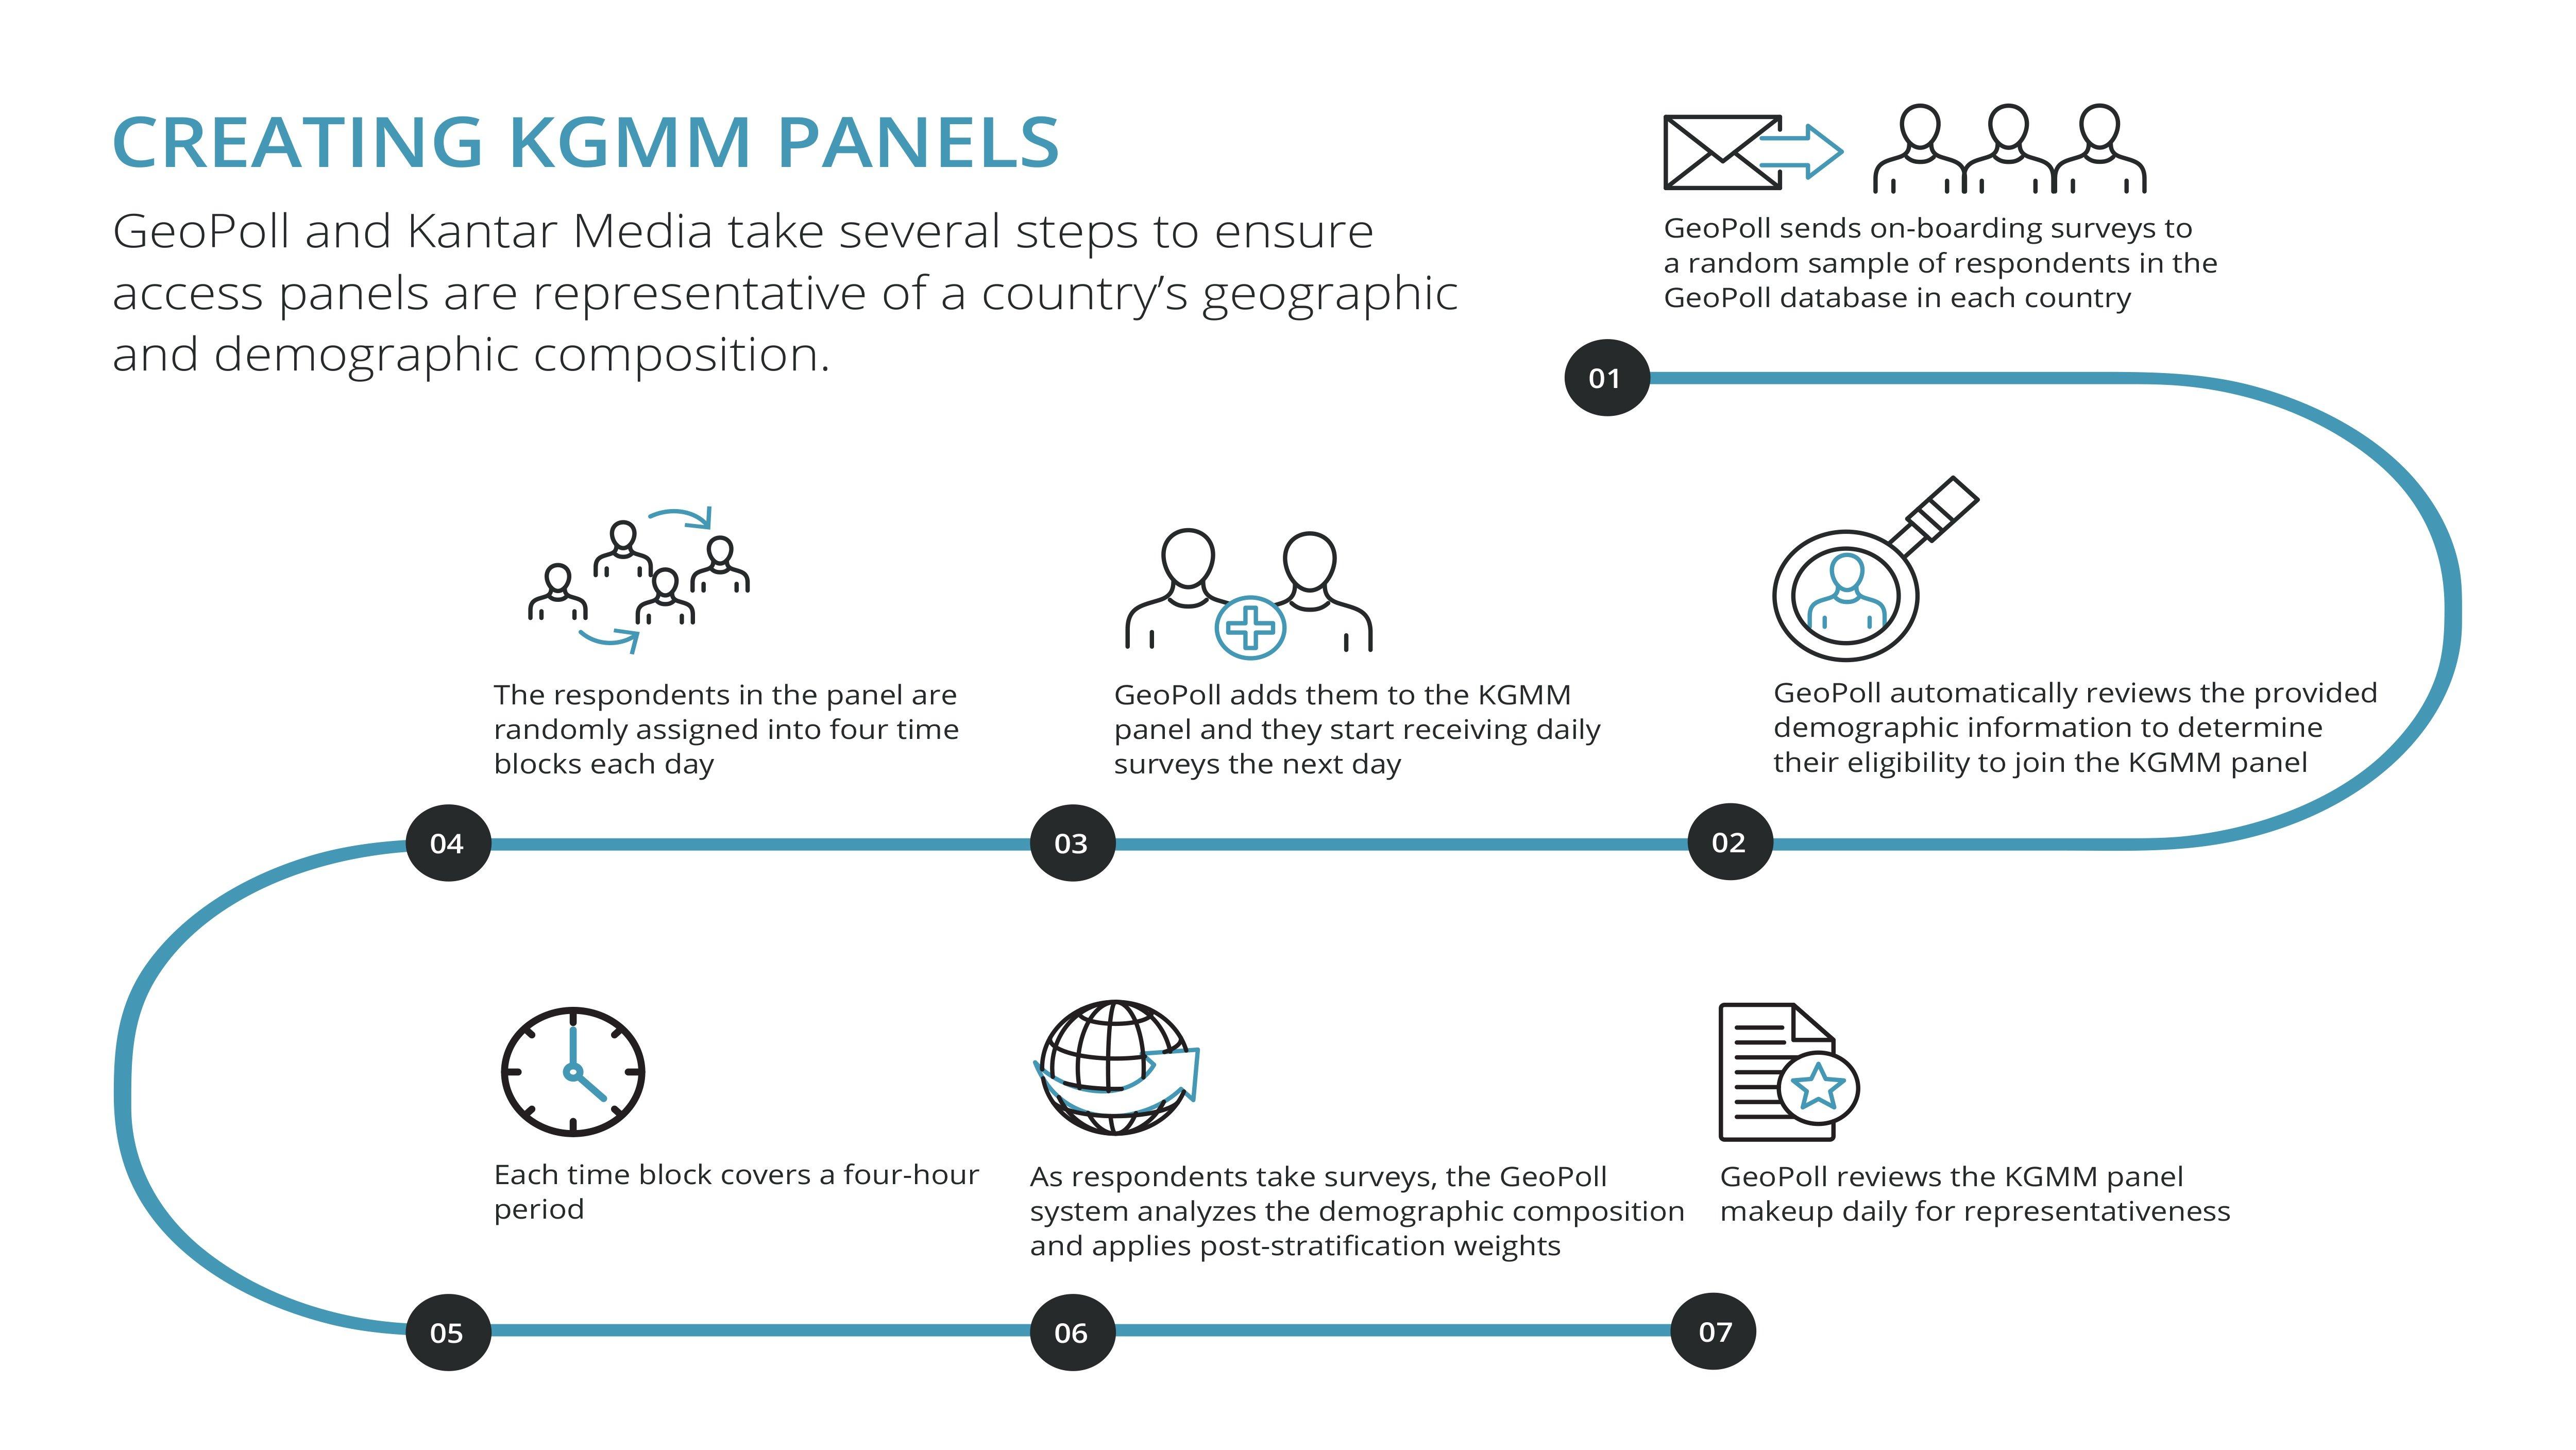 KGMM methodology_Panels.jpg